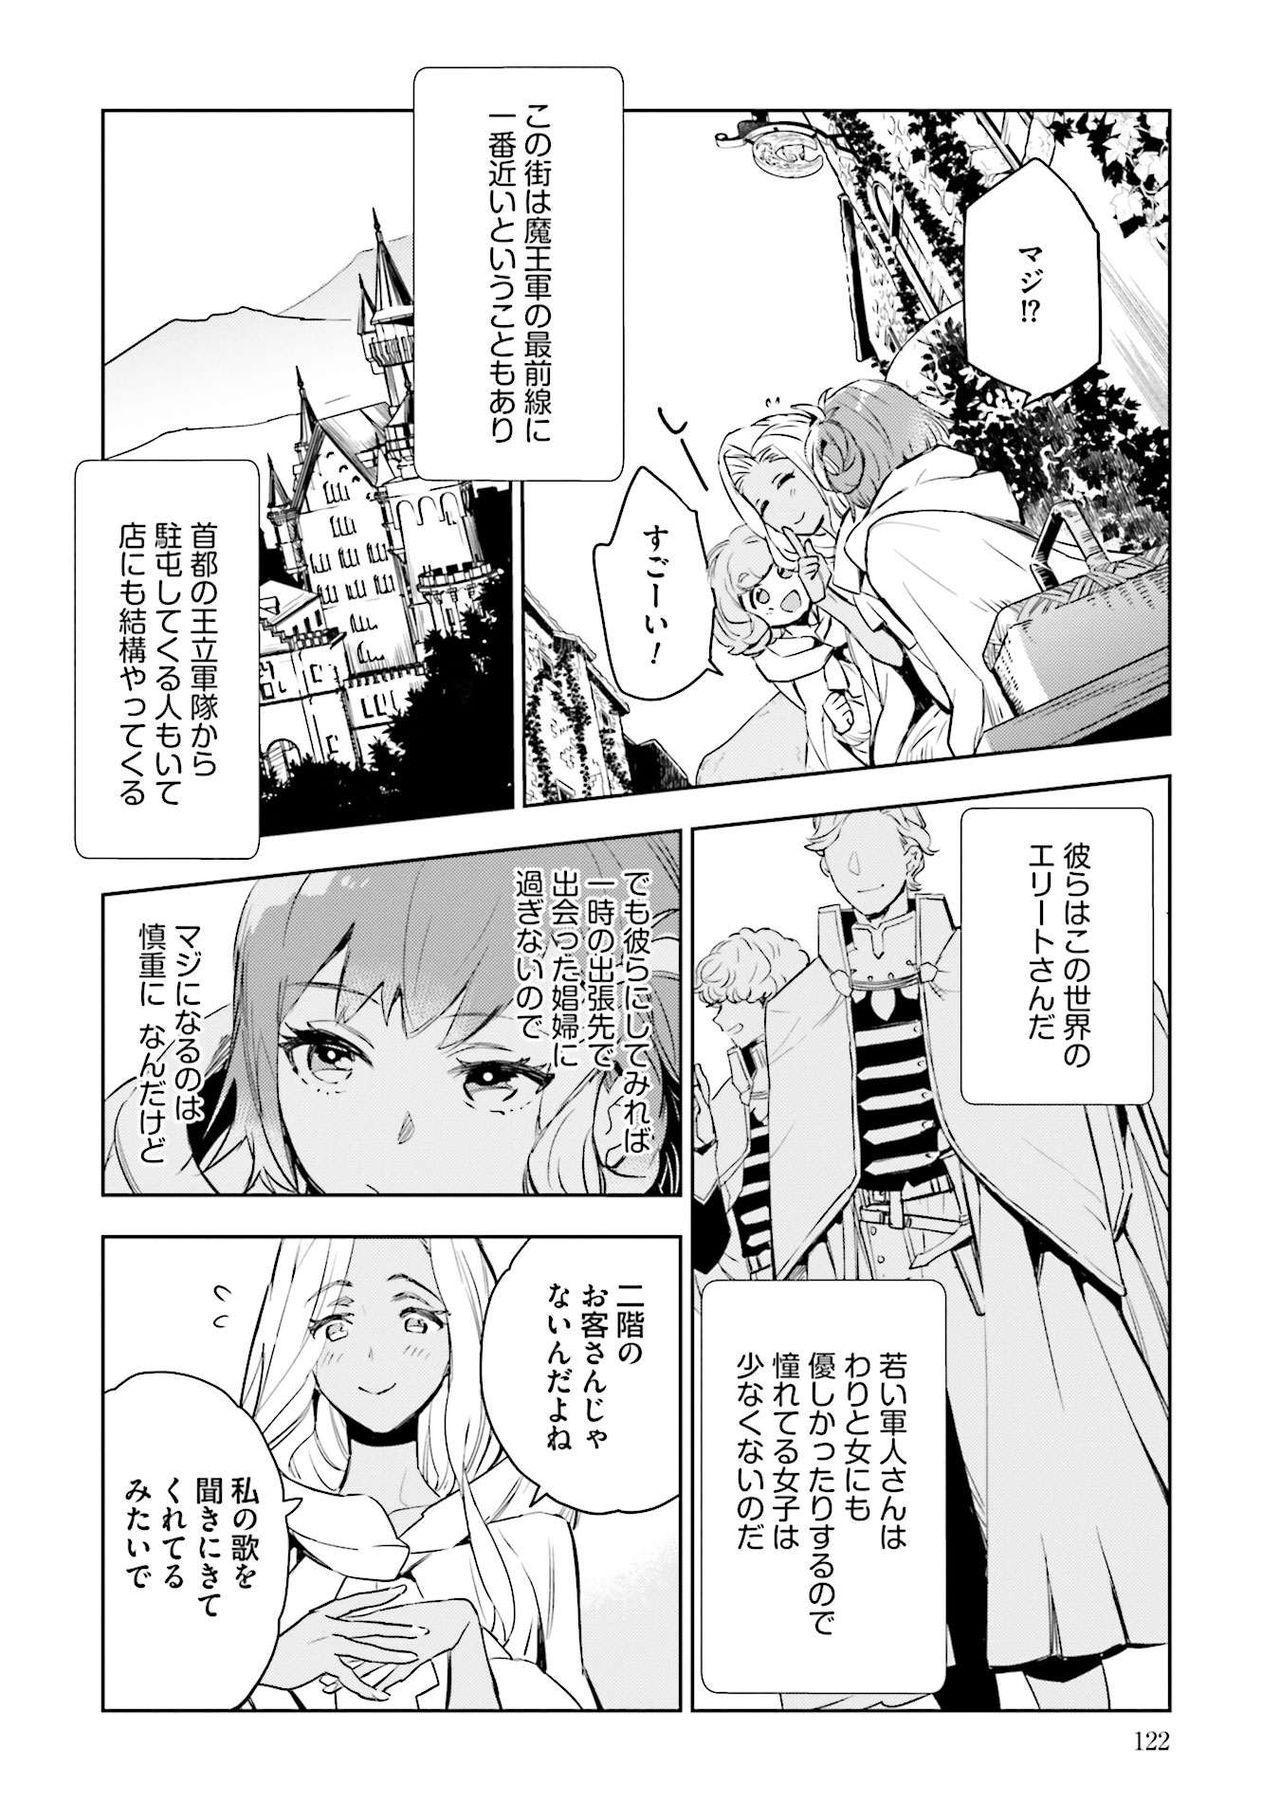 JK Haru wa Isekai de Shoufu ni Natta 1-14 123